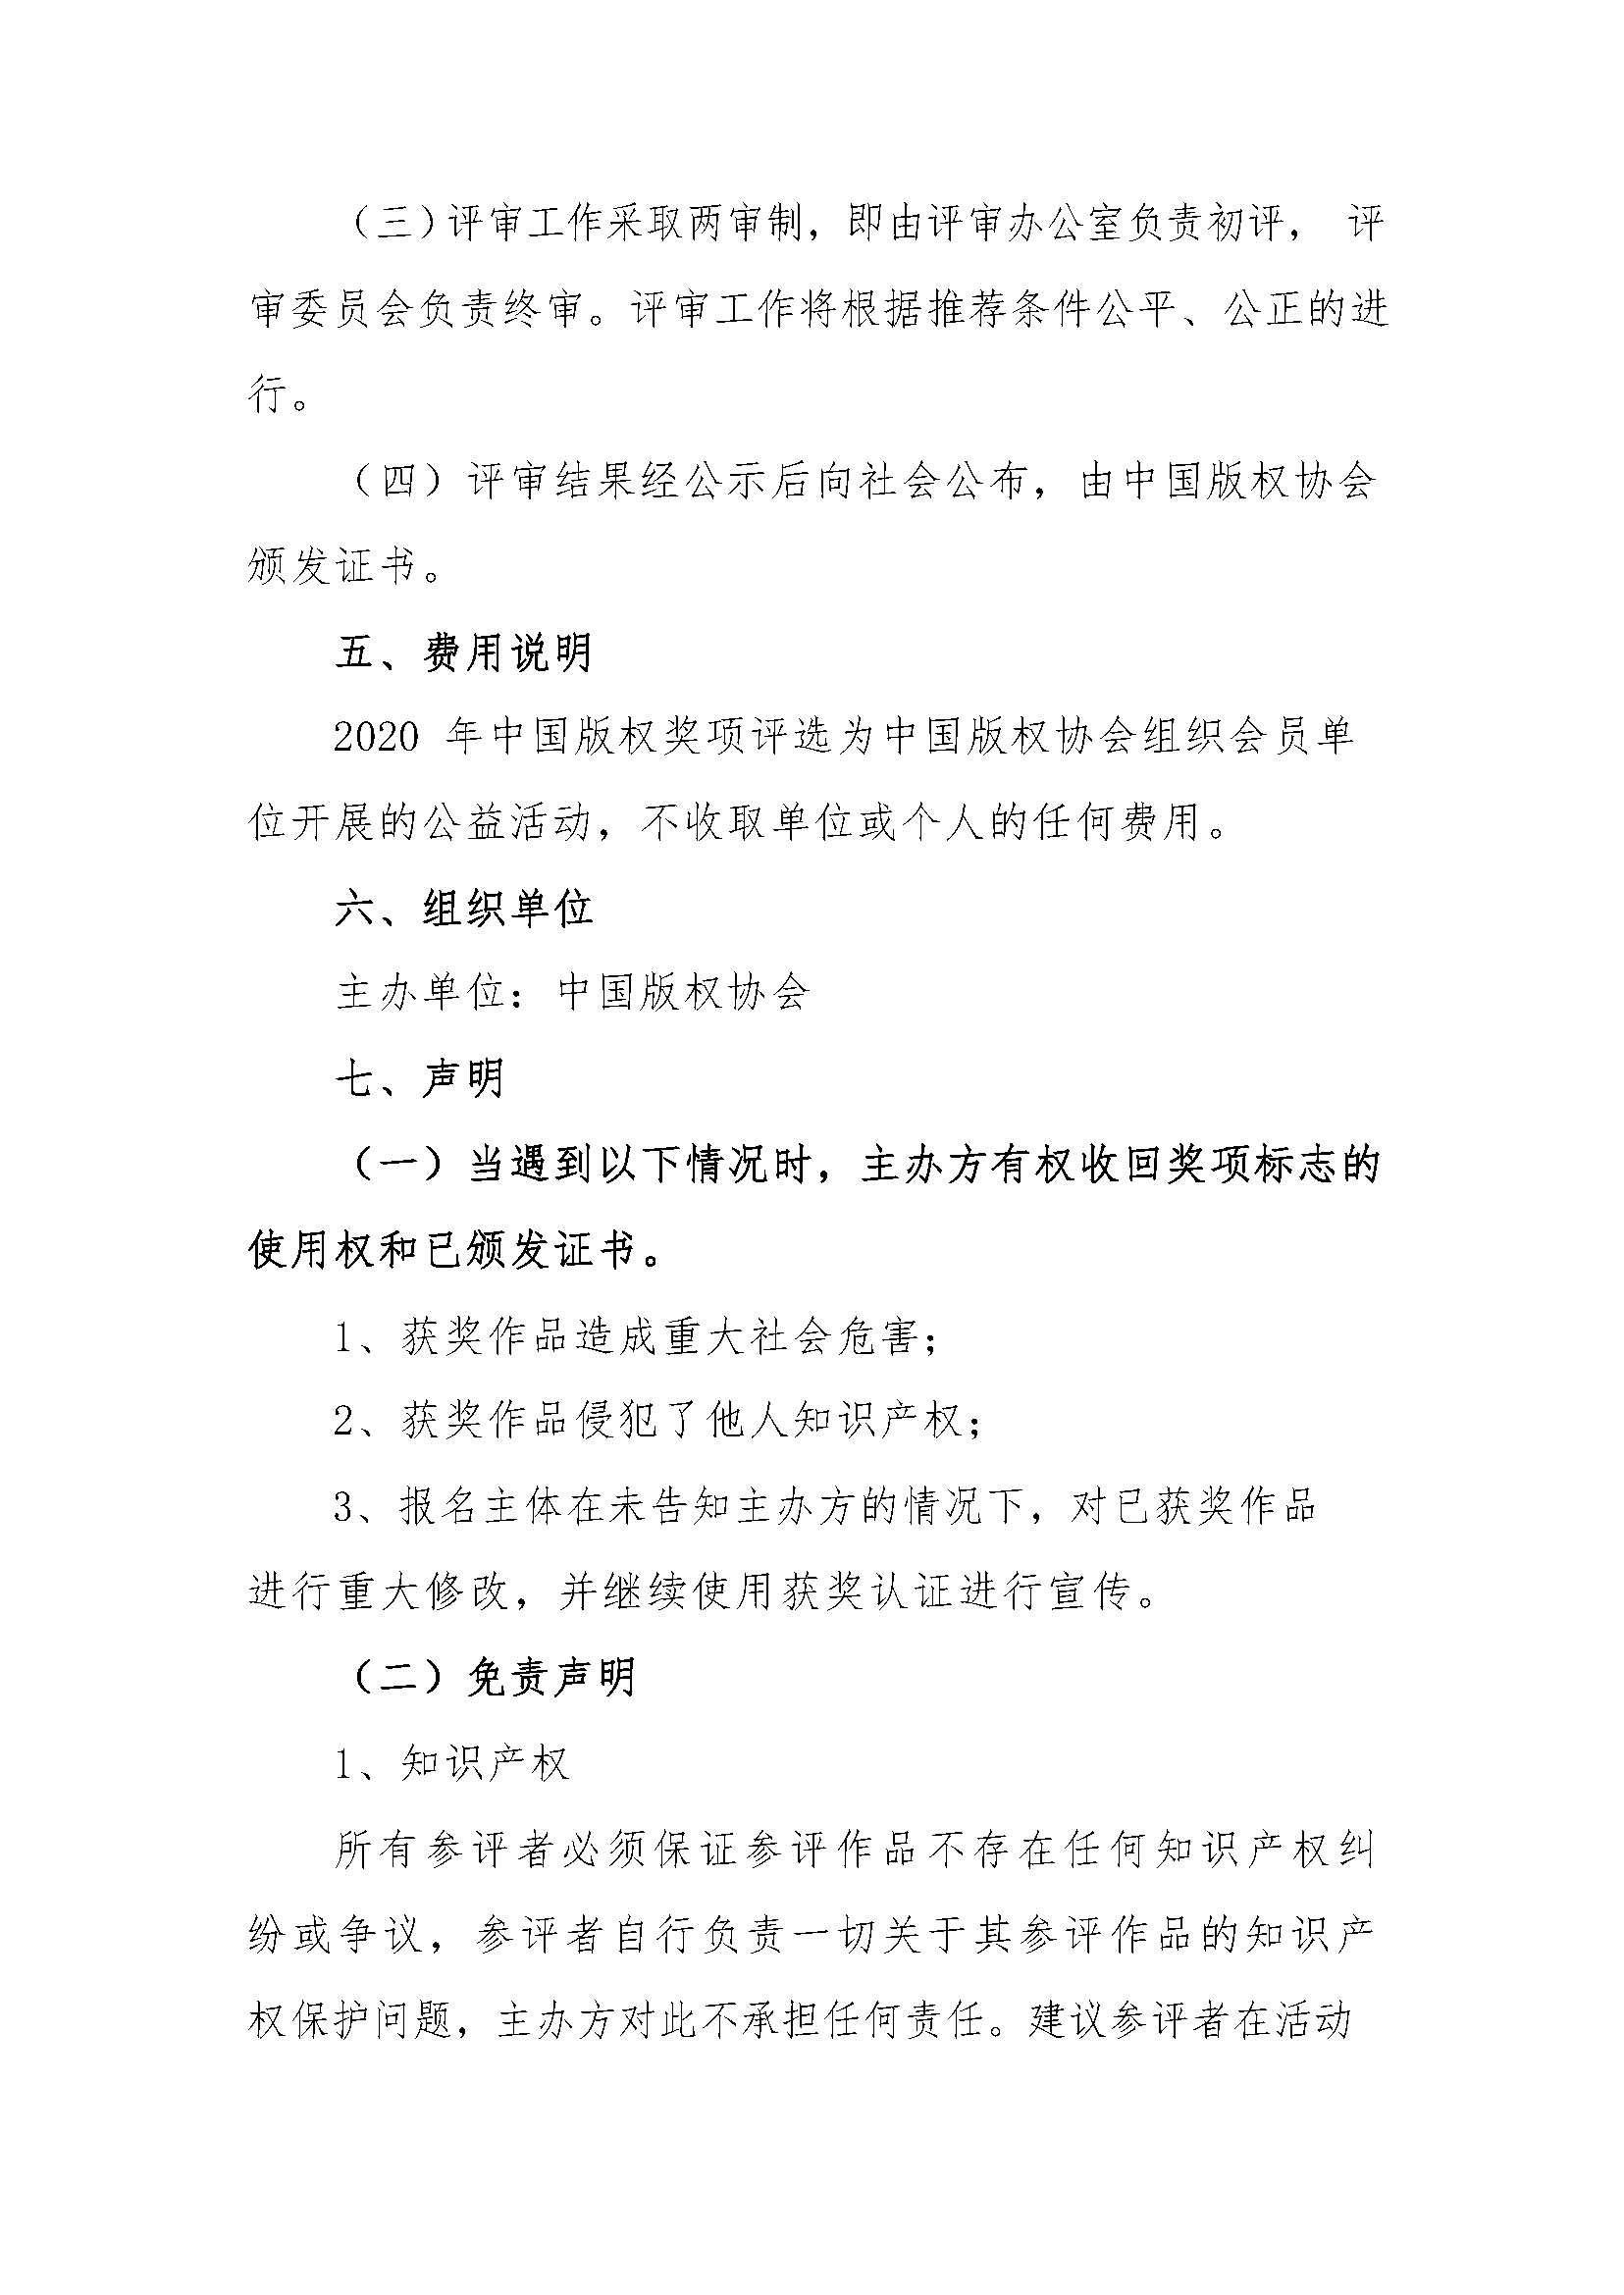 2020-08-11关于推荐和评选2020年中国版权奖项的通知-转发版_页面_5.jpg